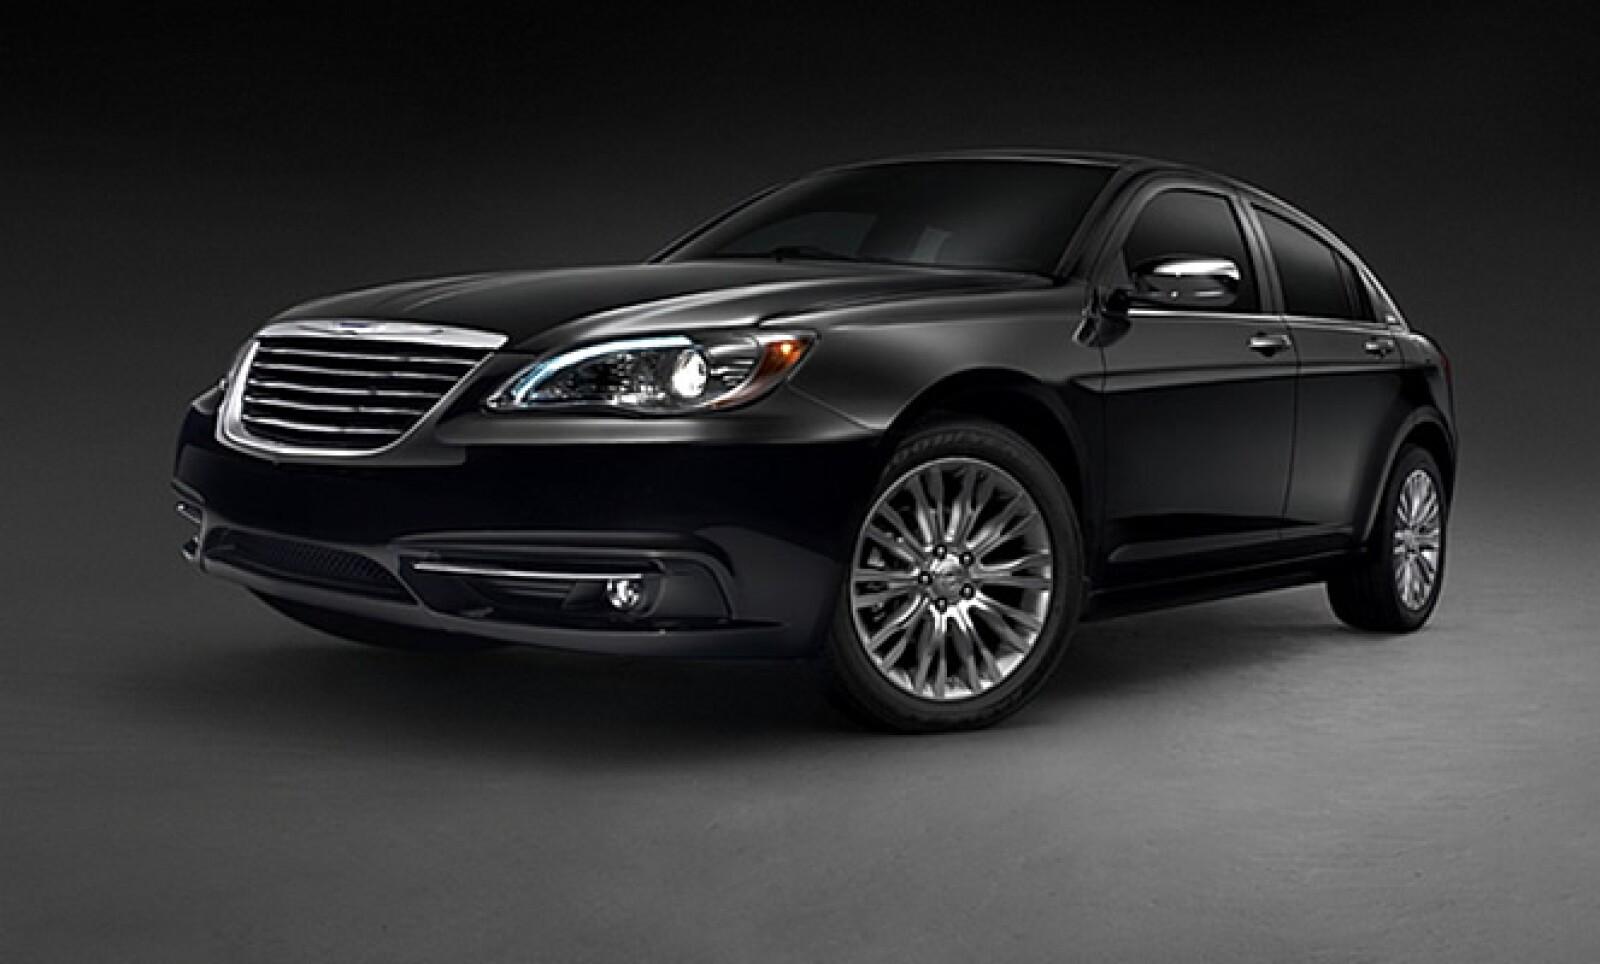 Aunque el precio no ha sido revelado, el modelo antecesor, Cirrus, tiene un precio de lista en México de 254,900 pesos.